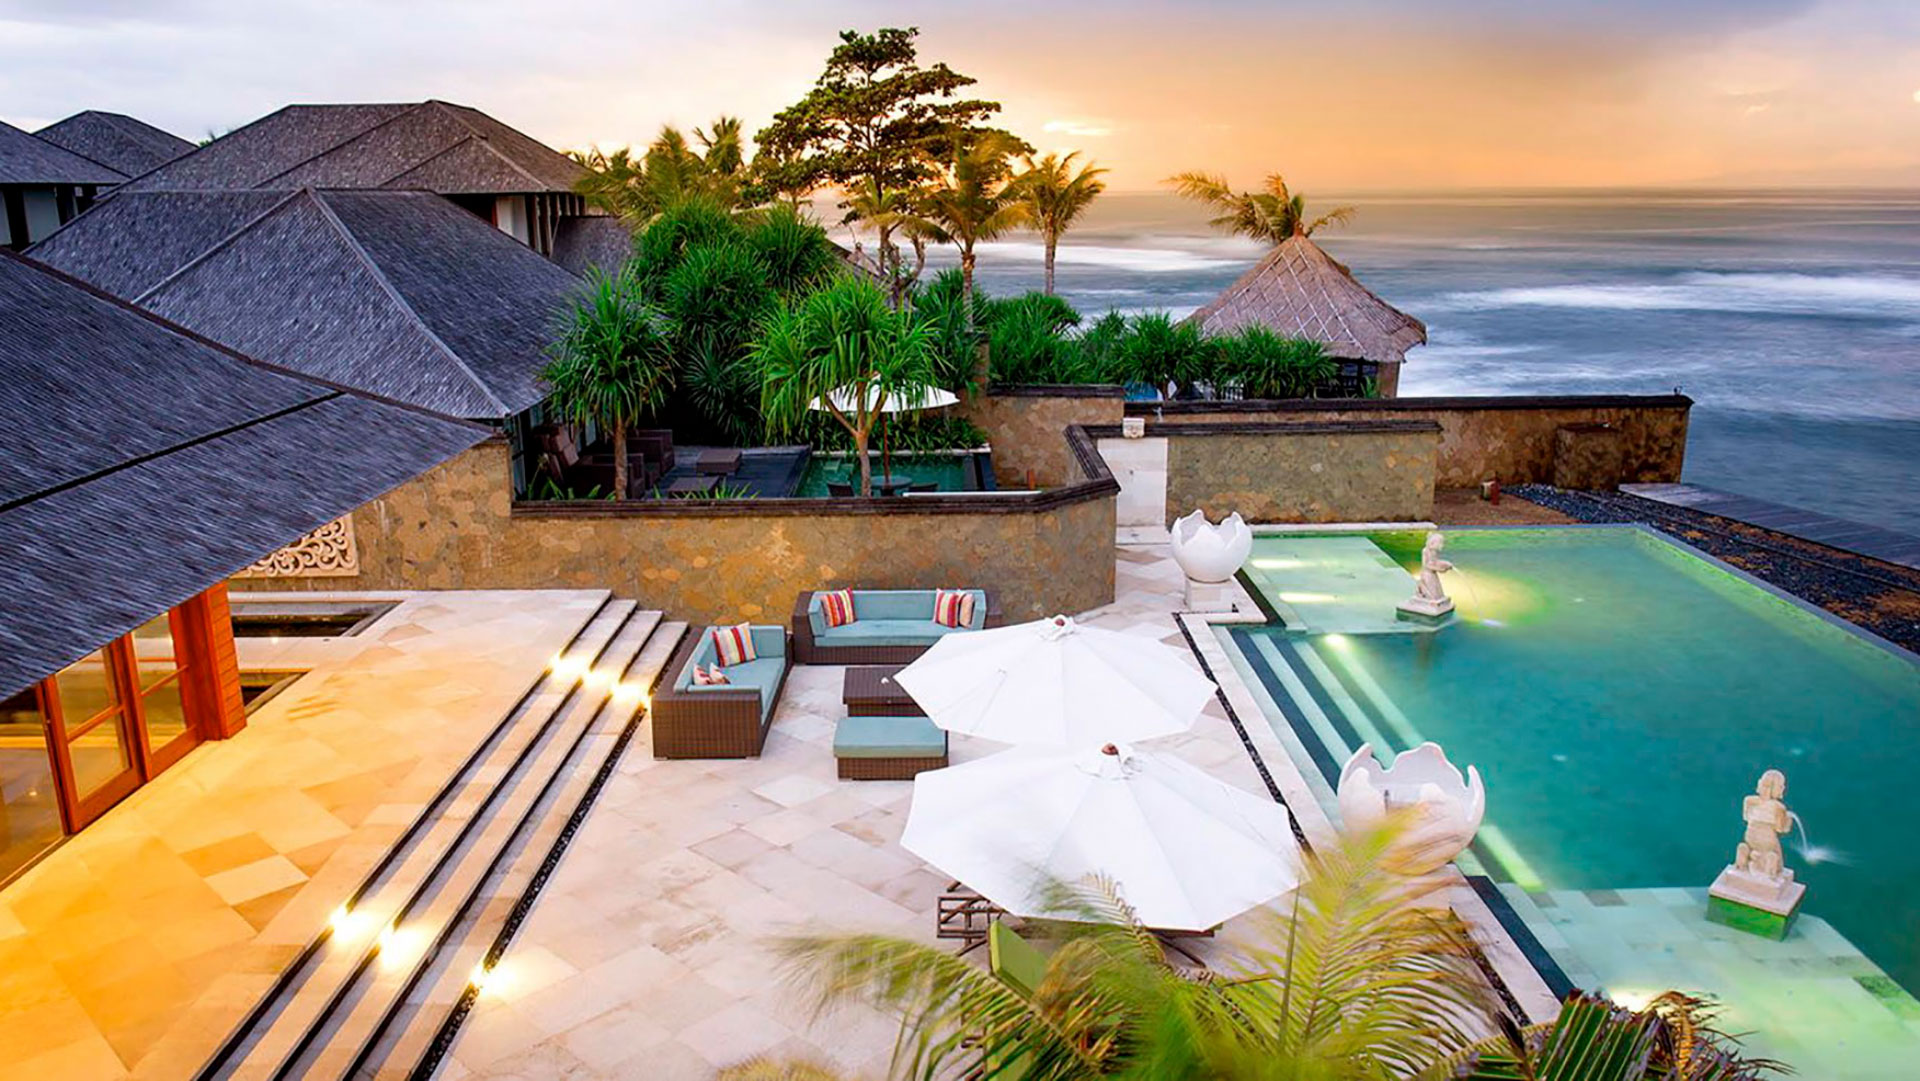 Best Party Villas in Bali